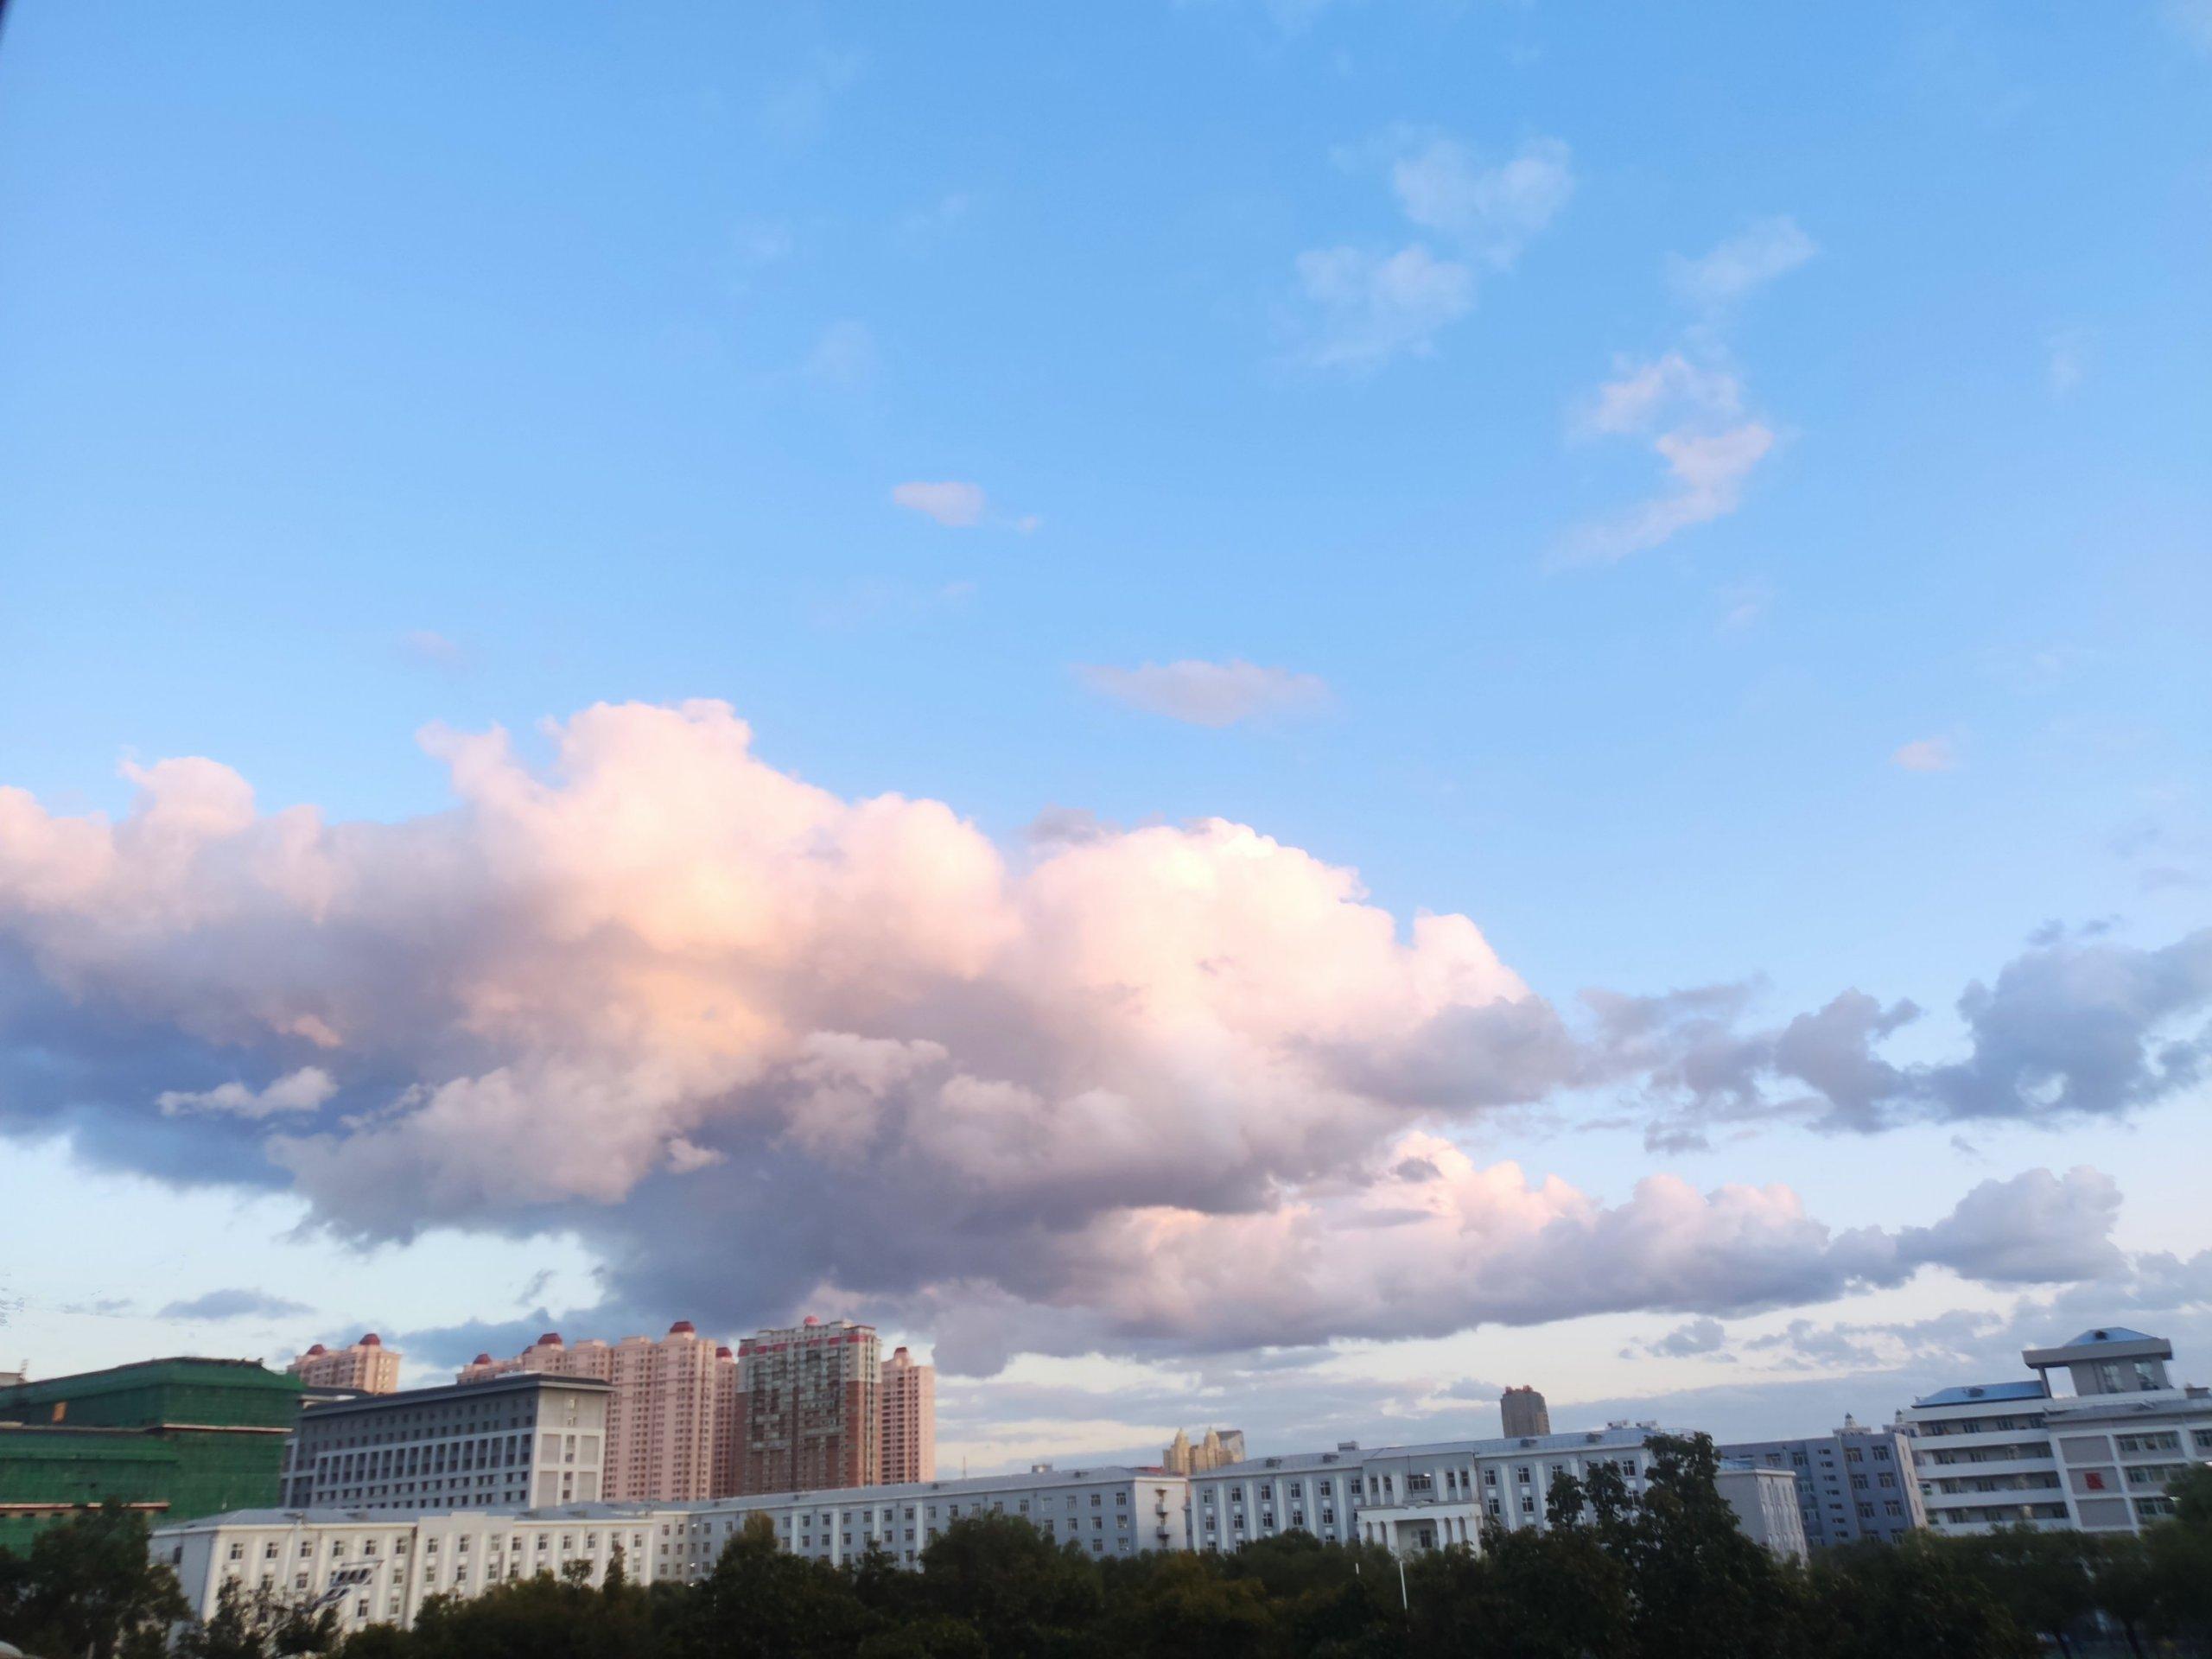 总感觉哈尔滨的云彩特别低插图